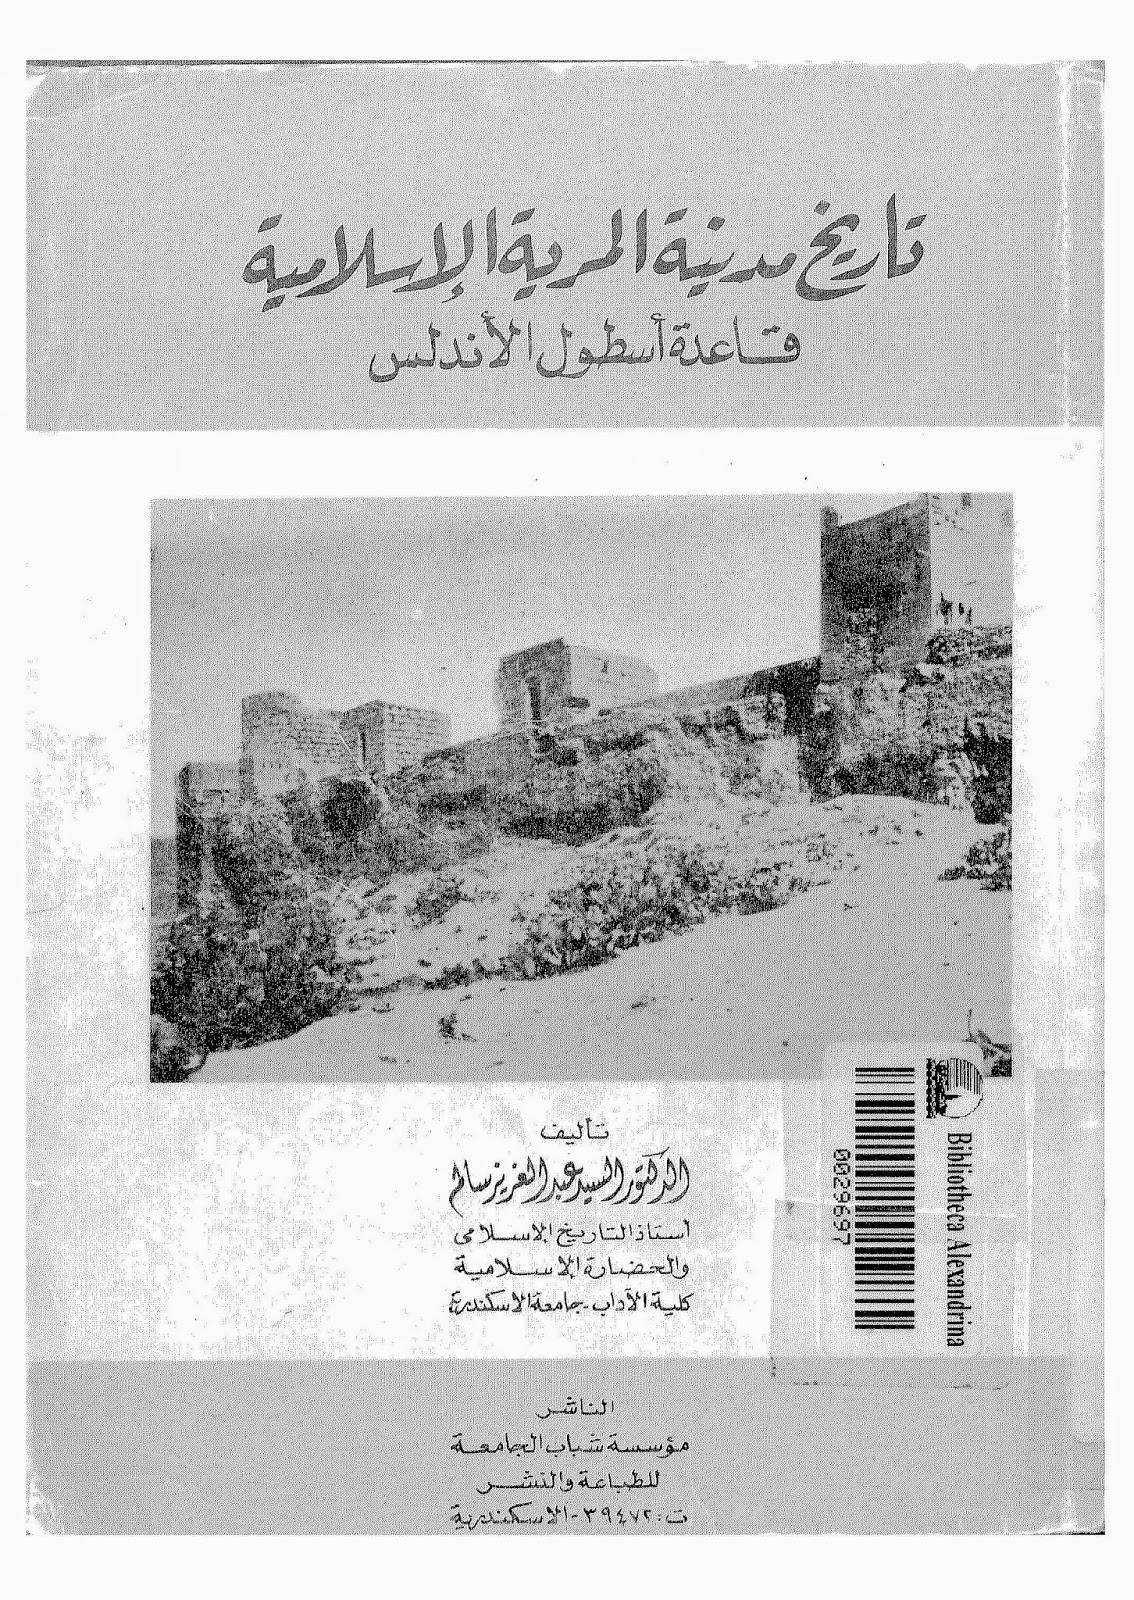 تاريخ مدينة المرية الإسلامية قاعدة أسطول الأندلس لـ عبد العزيز سالم